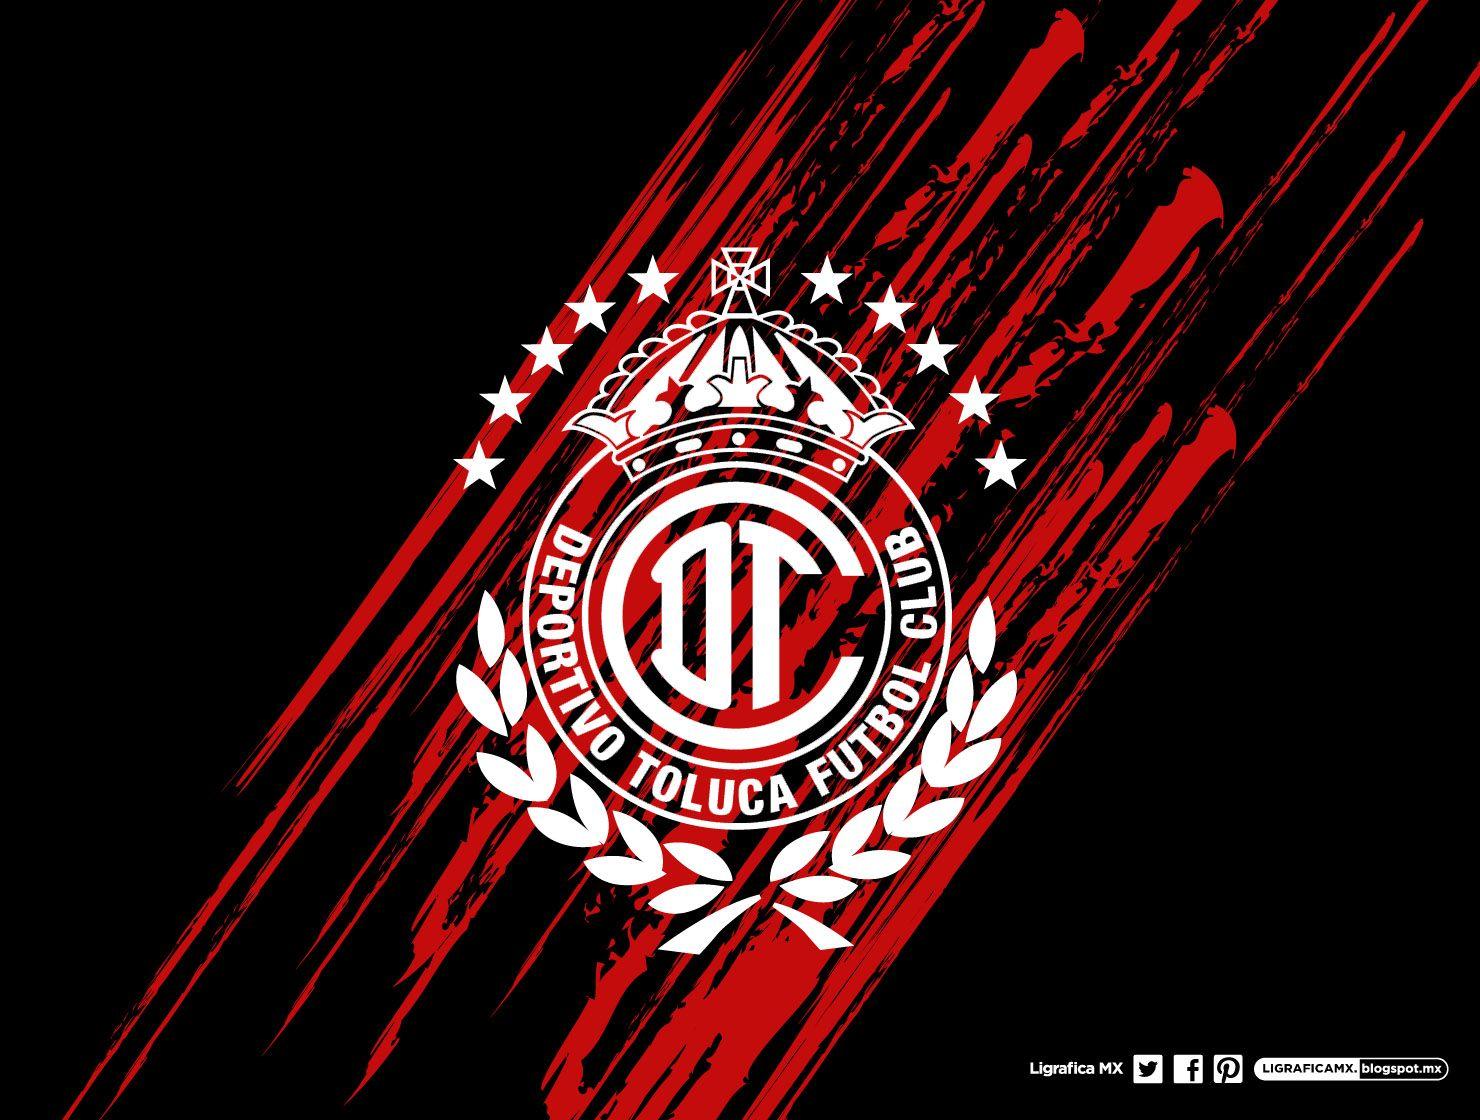 Pin en MX - TOLUCA FC Diablos Rojos